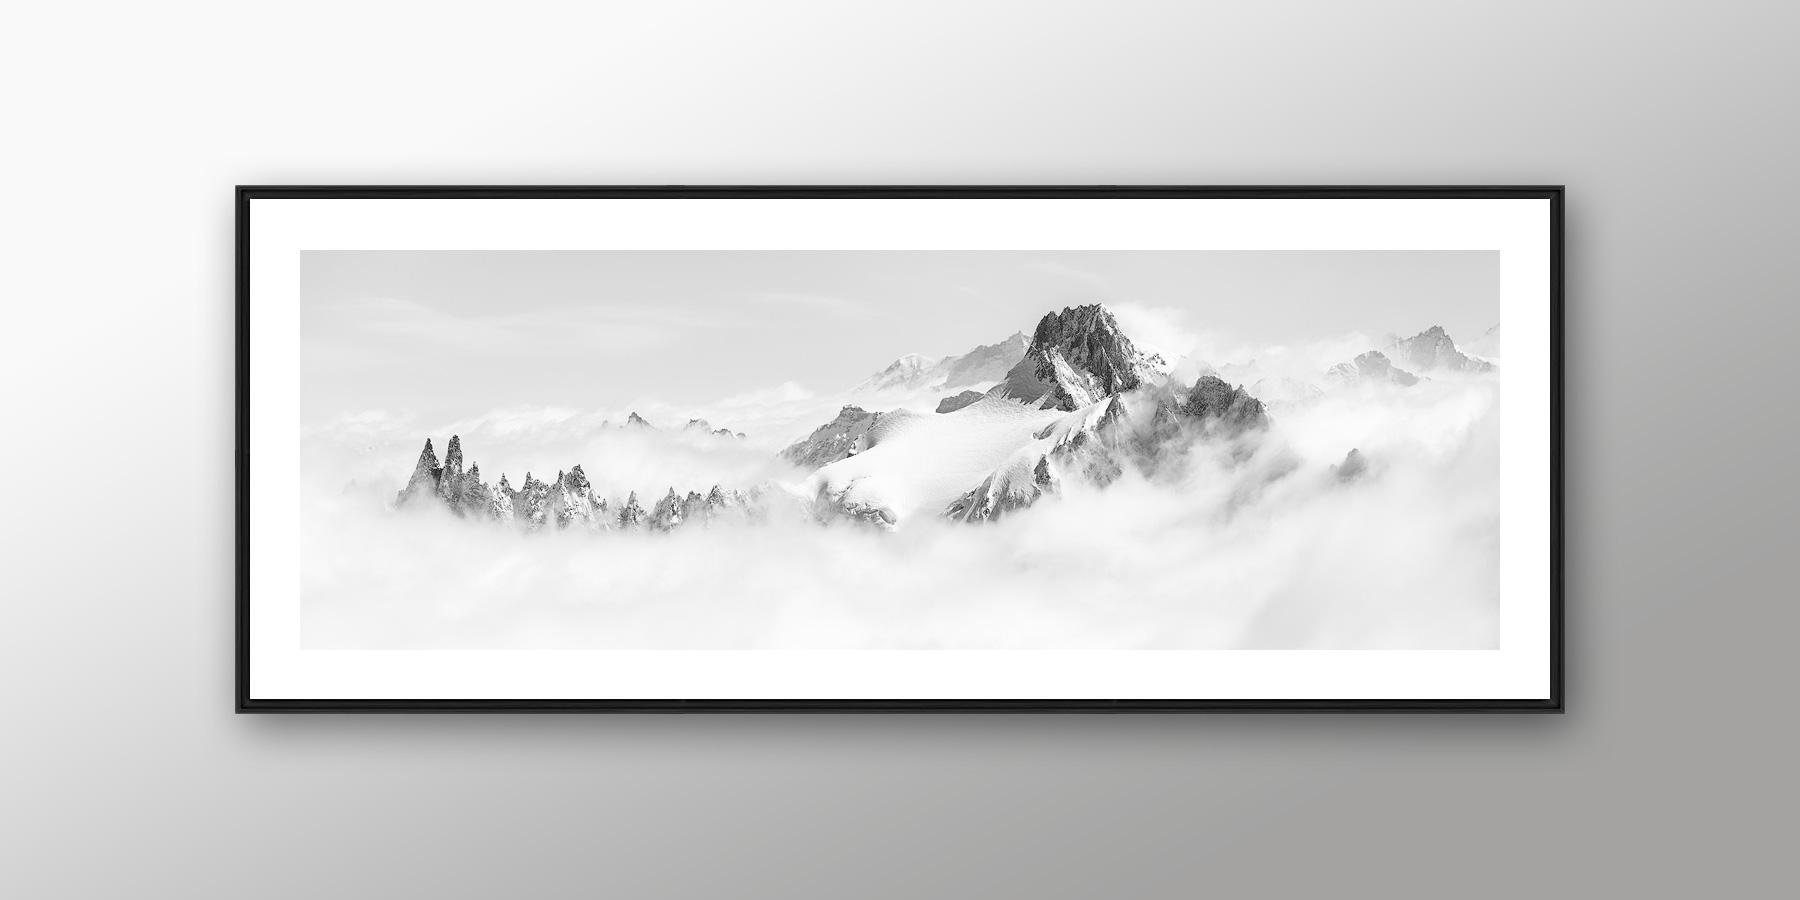 Tirage d'art photo montagne noir et blanc panoramique en caisse américaine